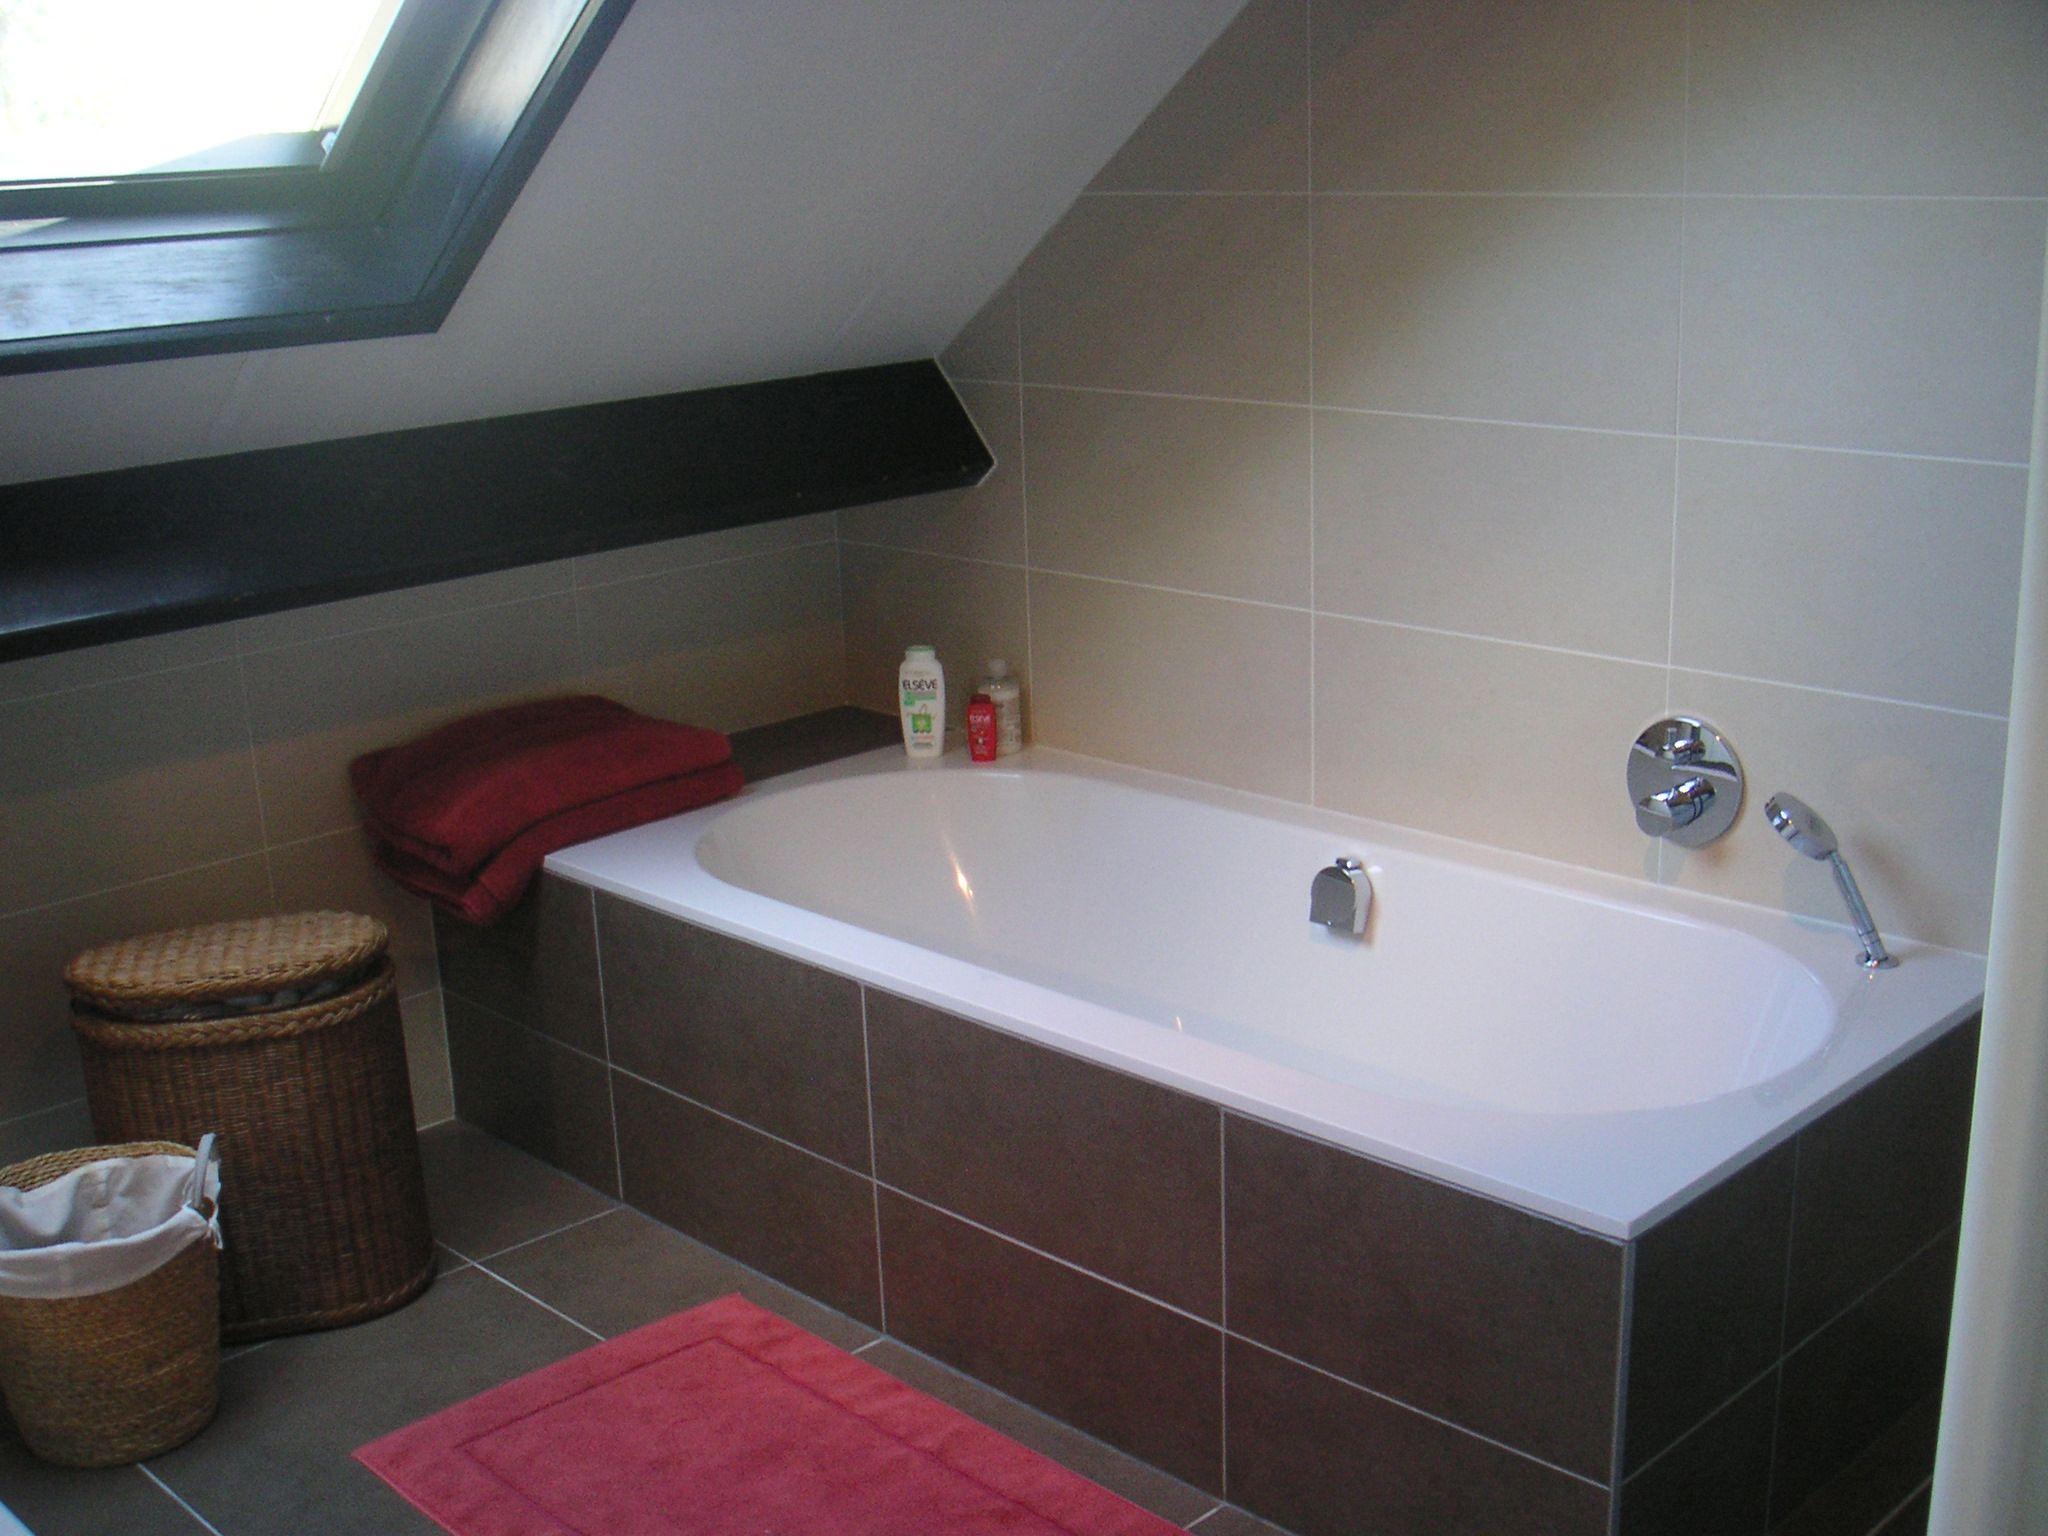 Japanisches badezimmer ~ Bad onder schuin dak afgewerkt met tegels. inbouwkraanwerk van